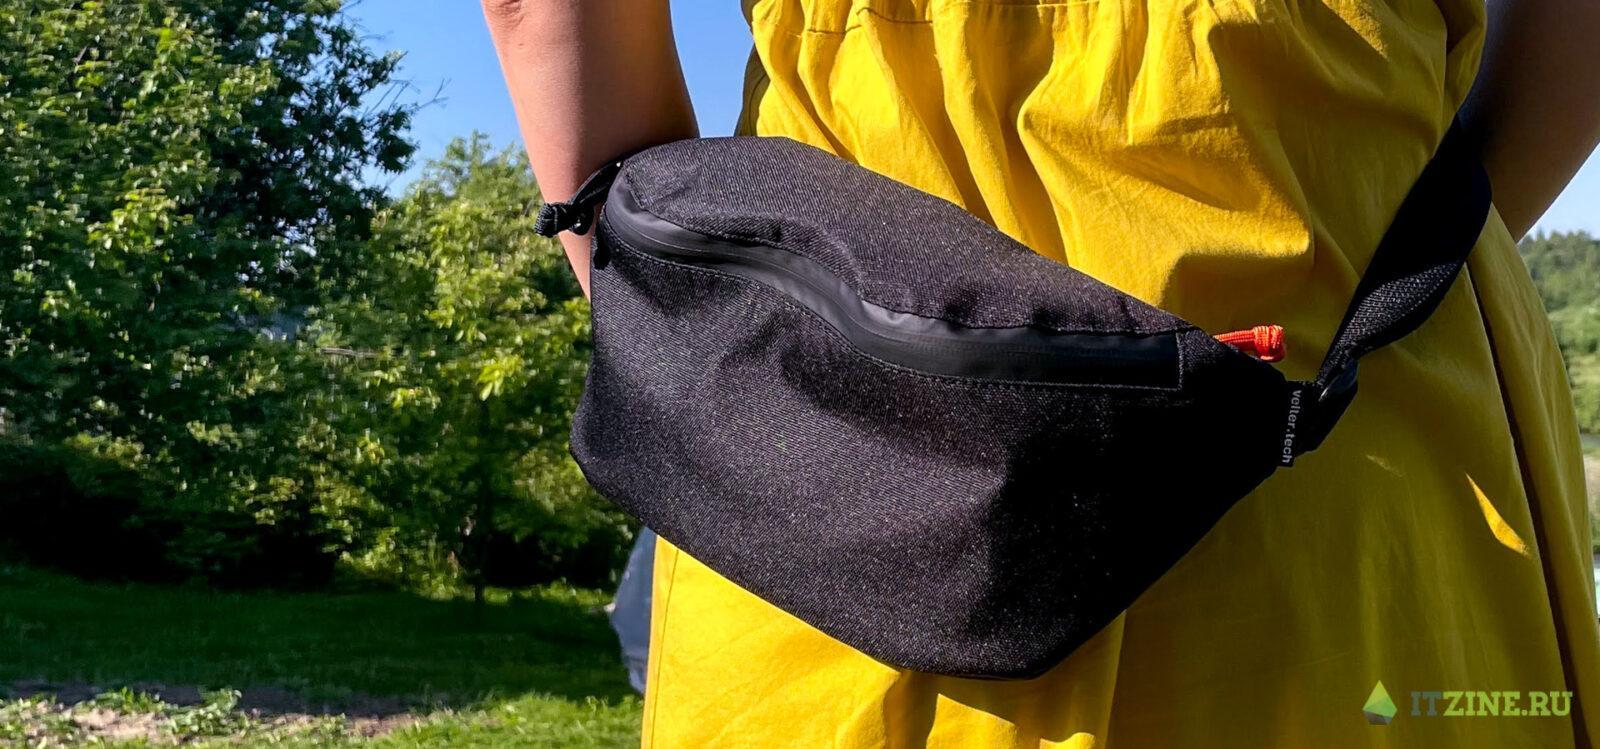 Обзор сумки Velter с клеткой Фарадея: блокирует все сигналы гаджетов (hp envy 03 1)